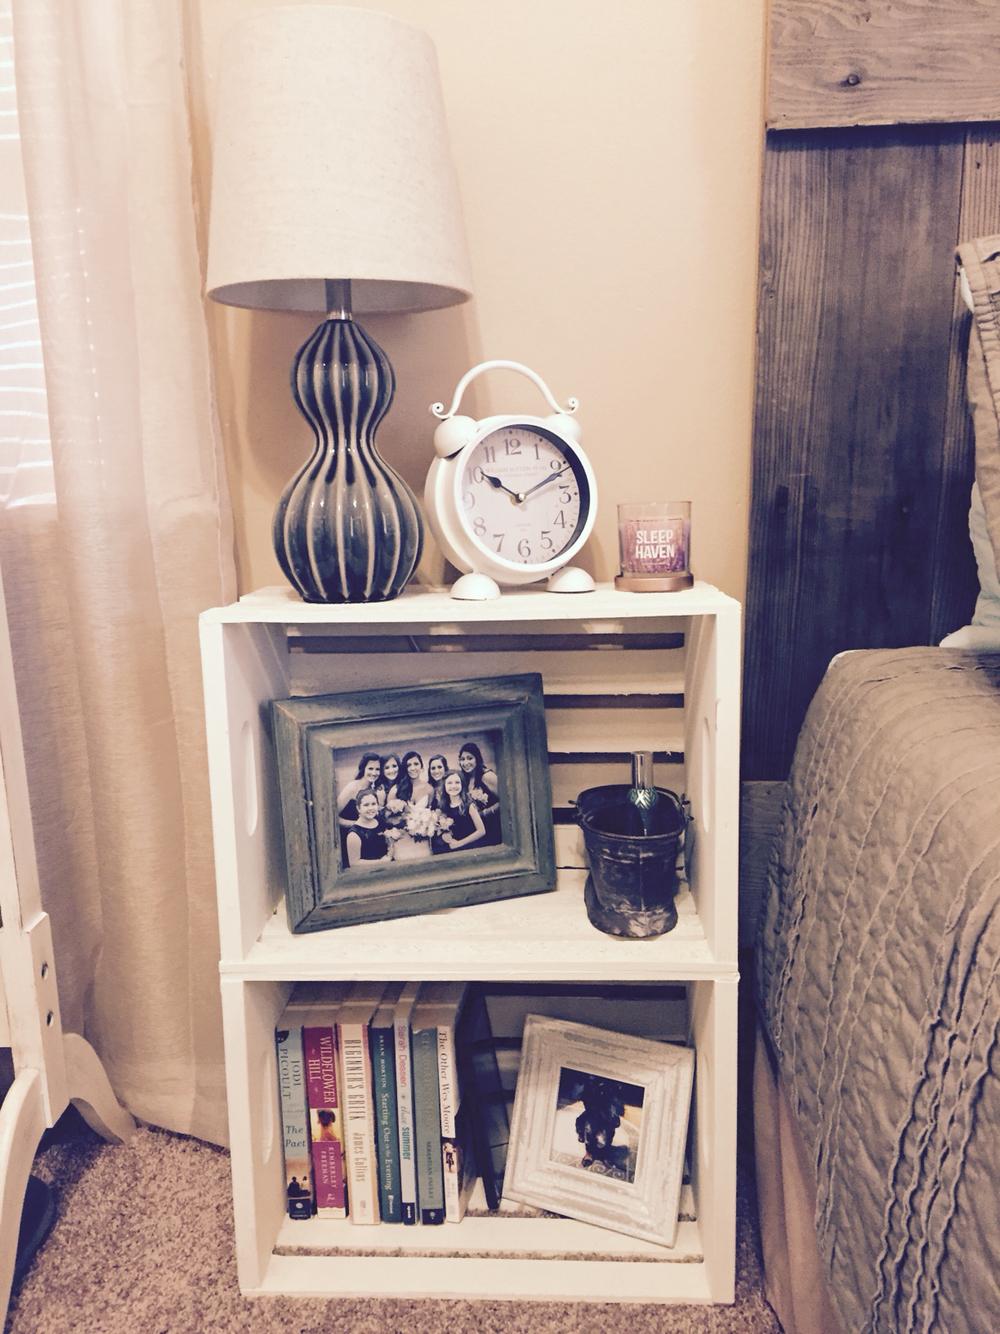 22 nightstand ideas for your bedroom - best of diy ideas Nightstand Design Ideas